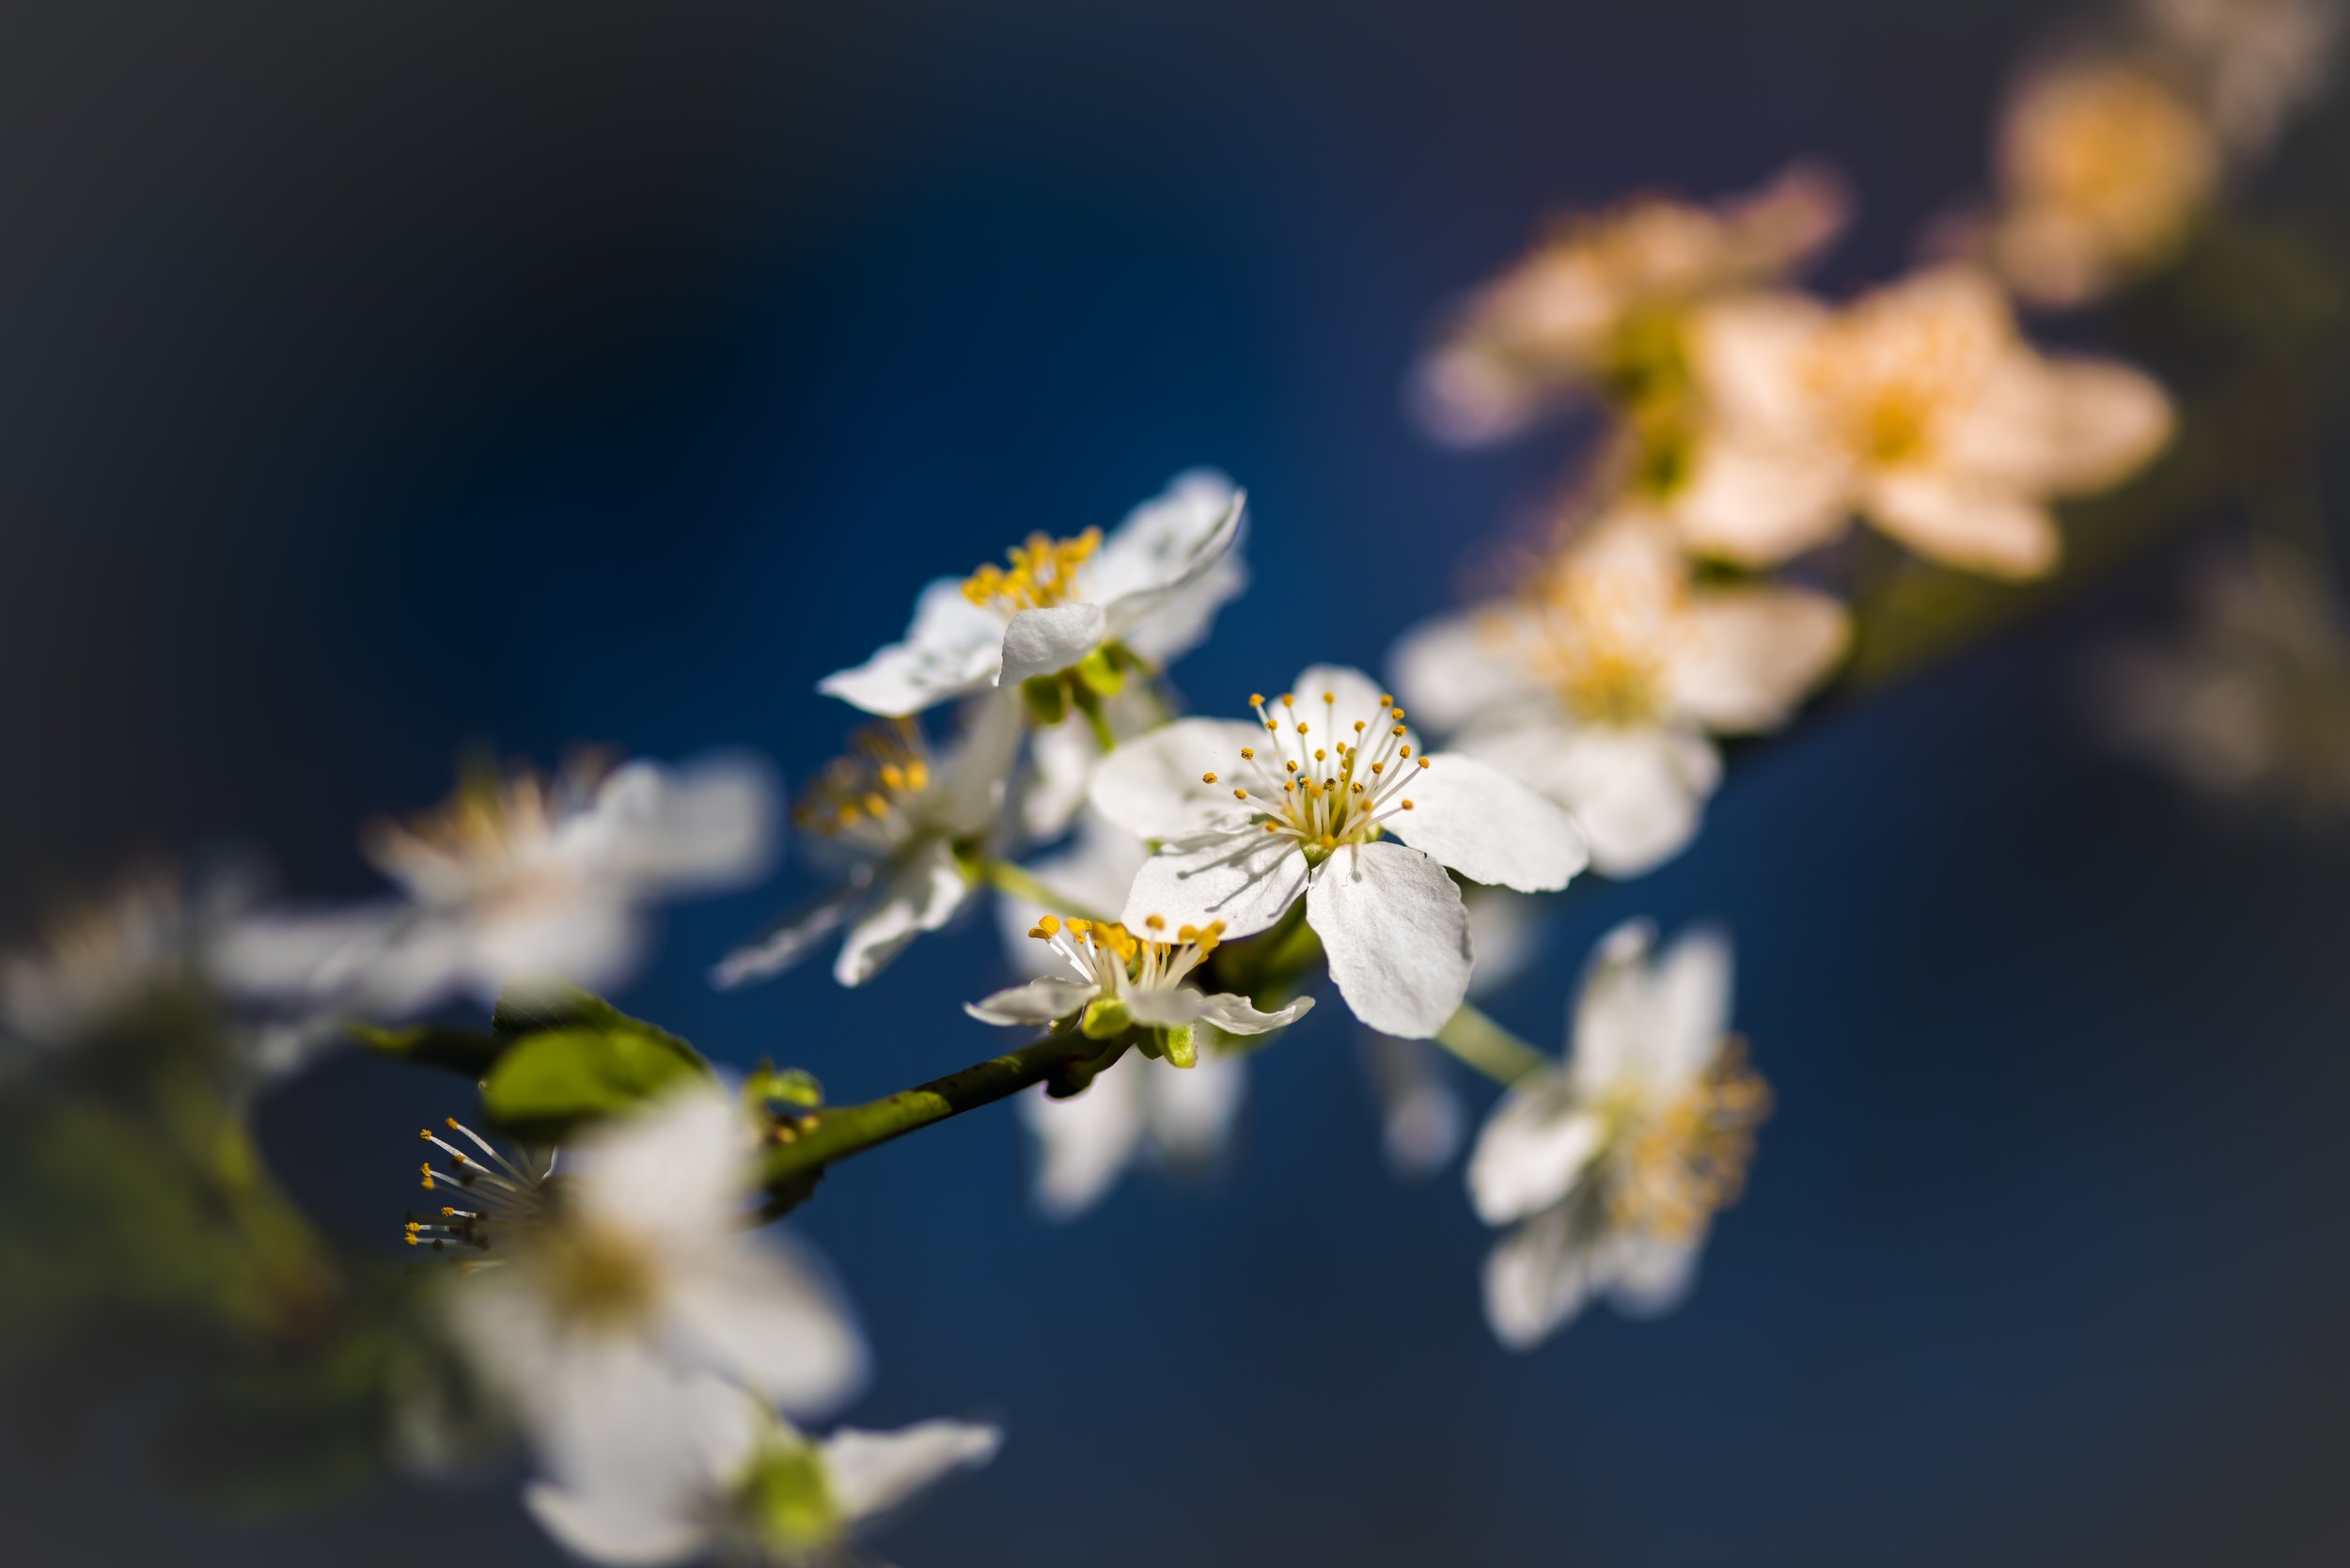 spring-allergy-flowers.jpg